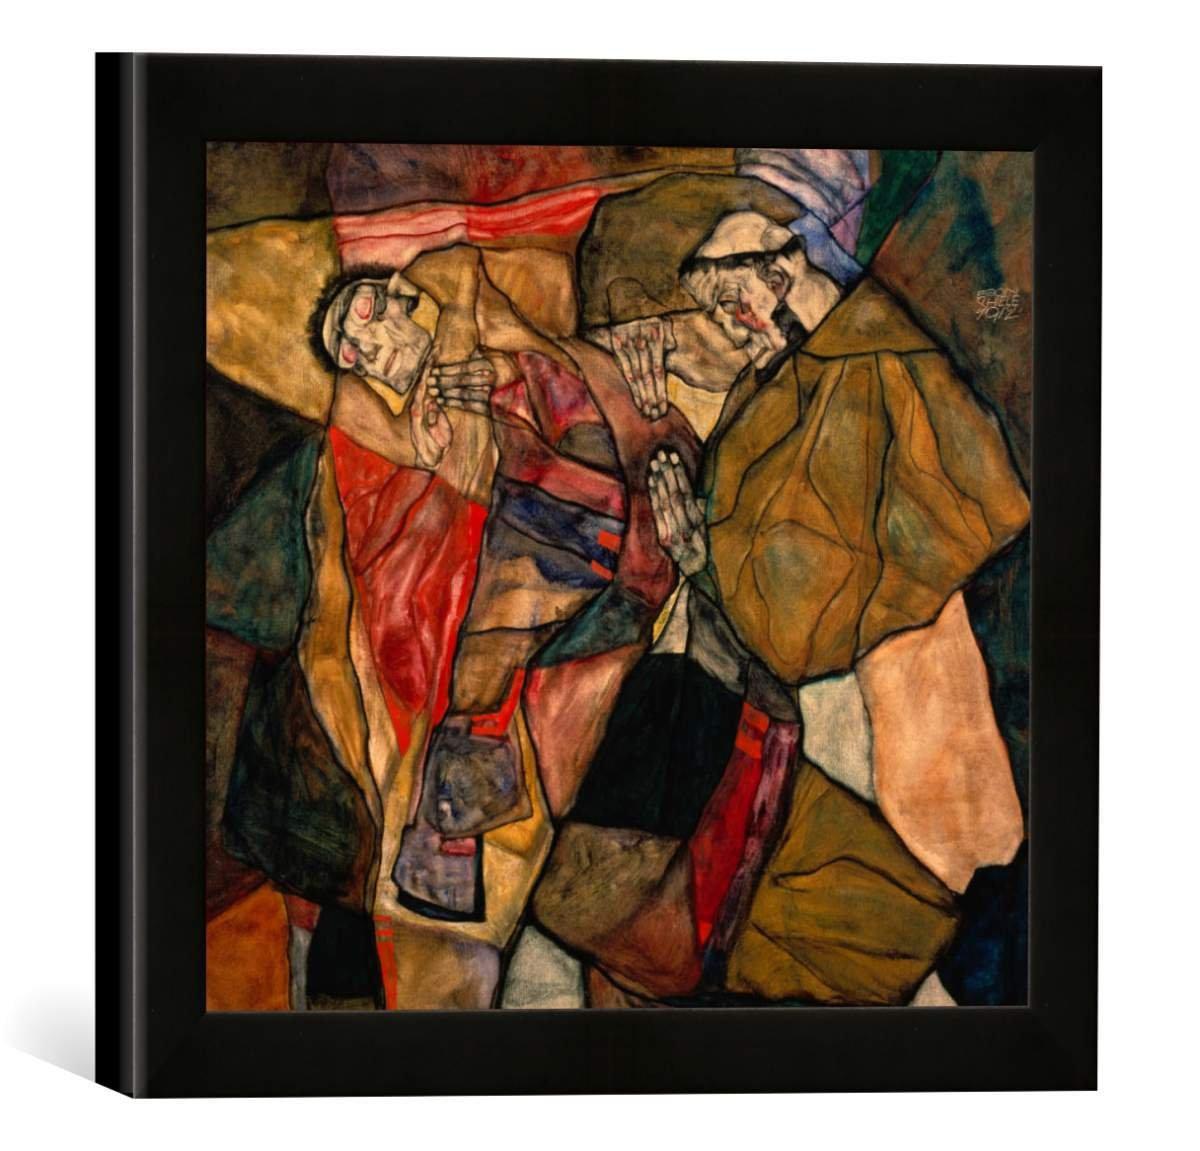 Gerahmtes Bild von Egon Schiele Agonie, Kunstdruck im hochwertigen handgefertigten Bilder-Rahmen, 30x30 cm, Schwarz matt